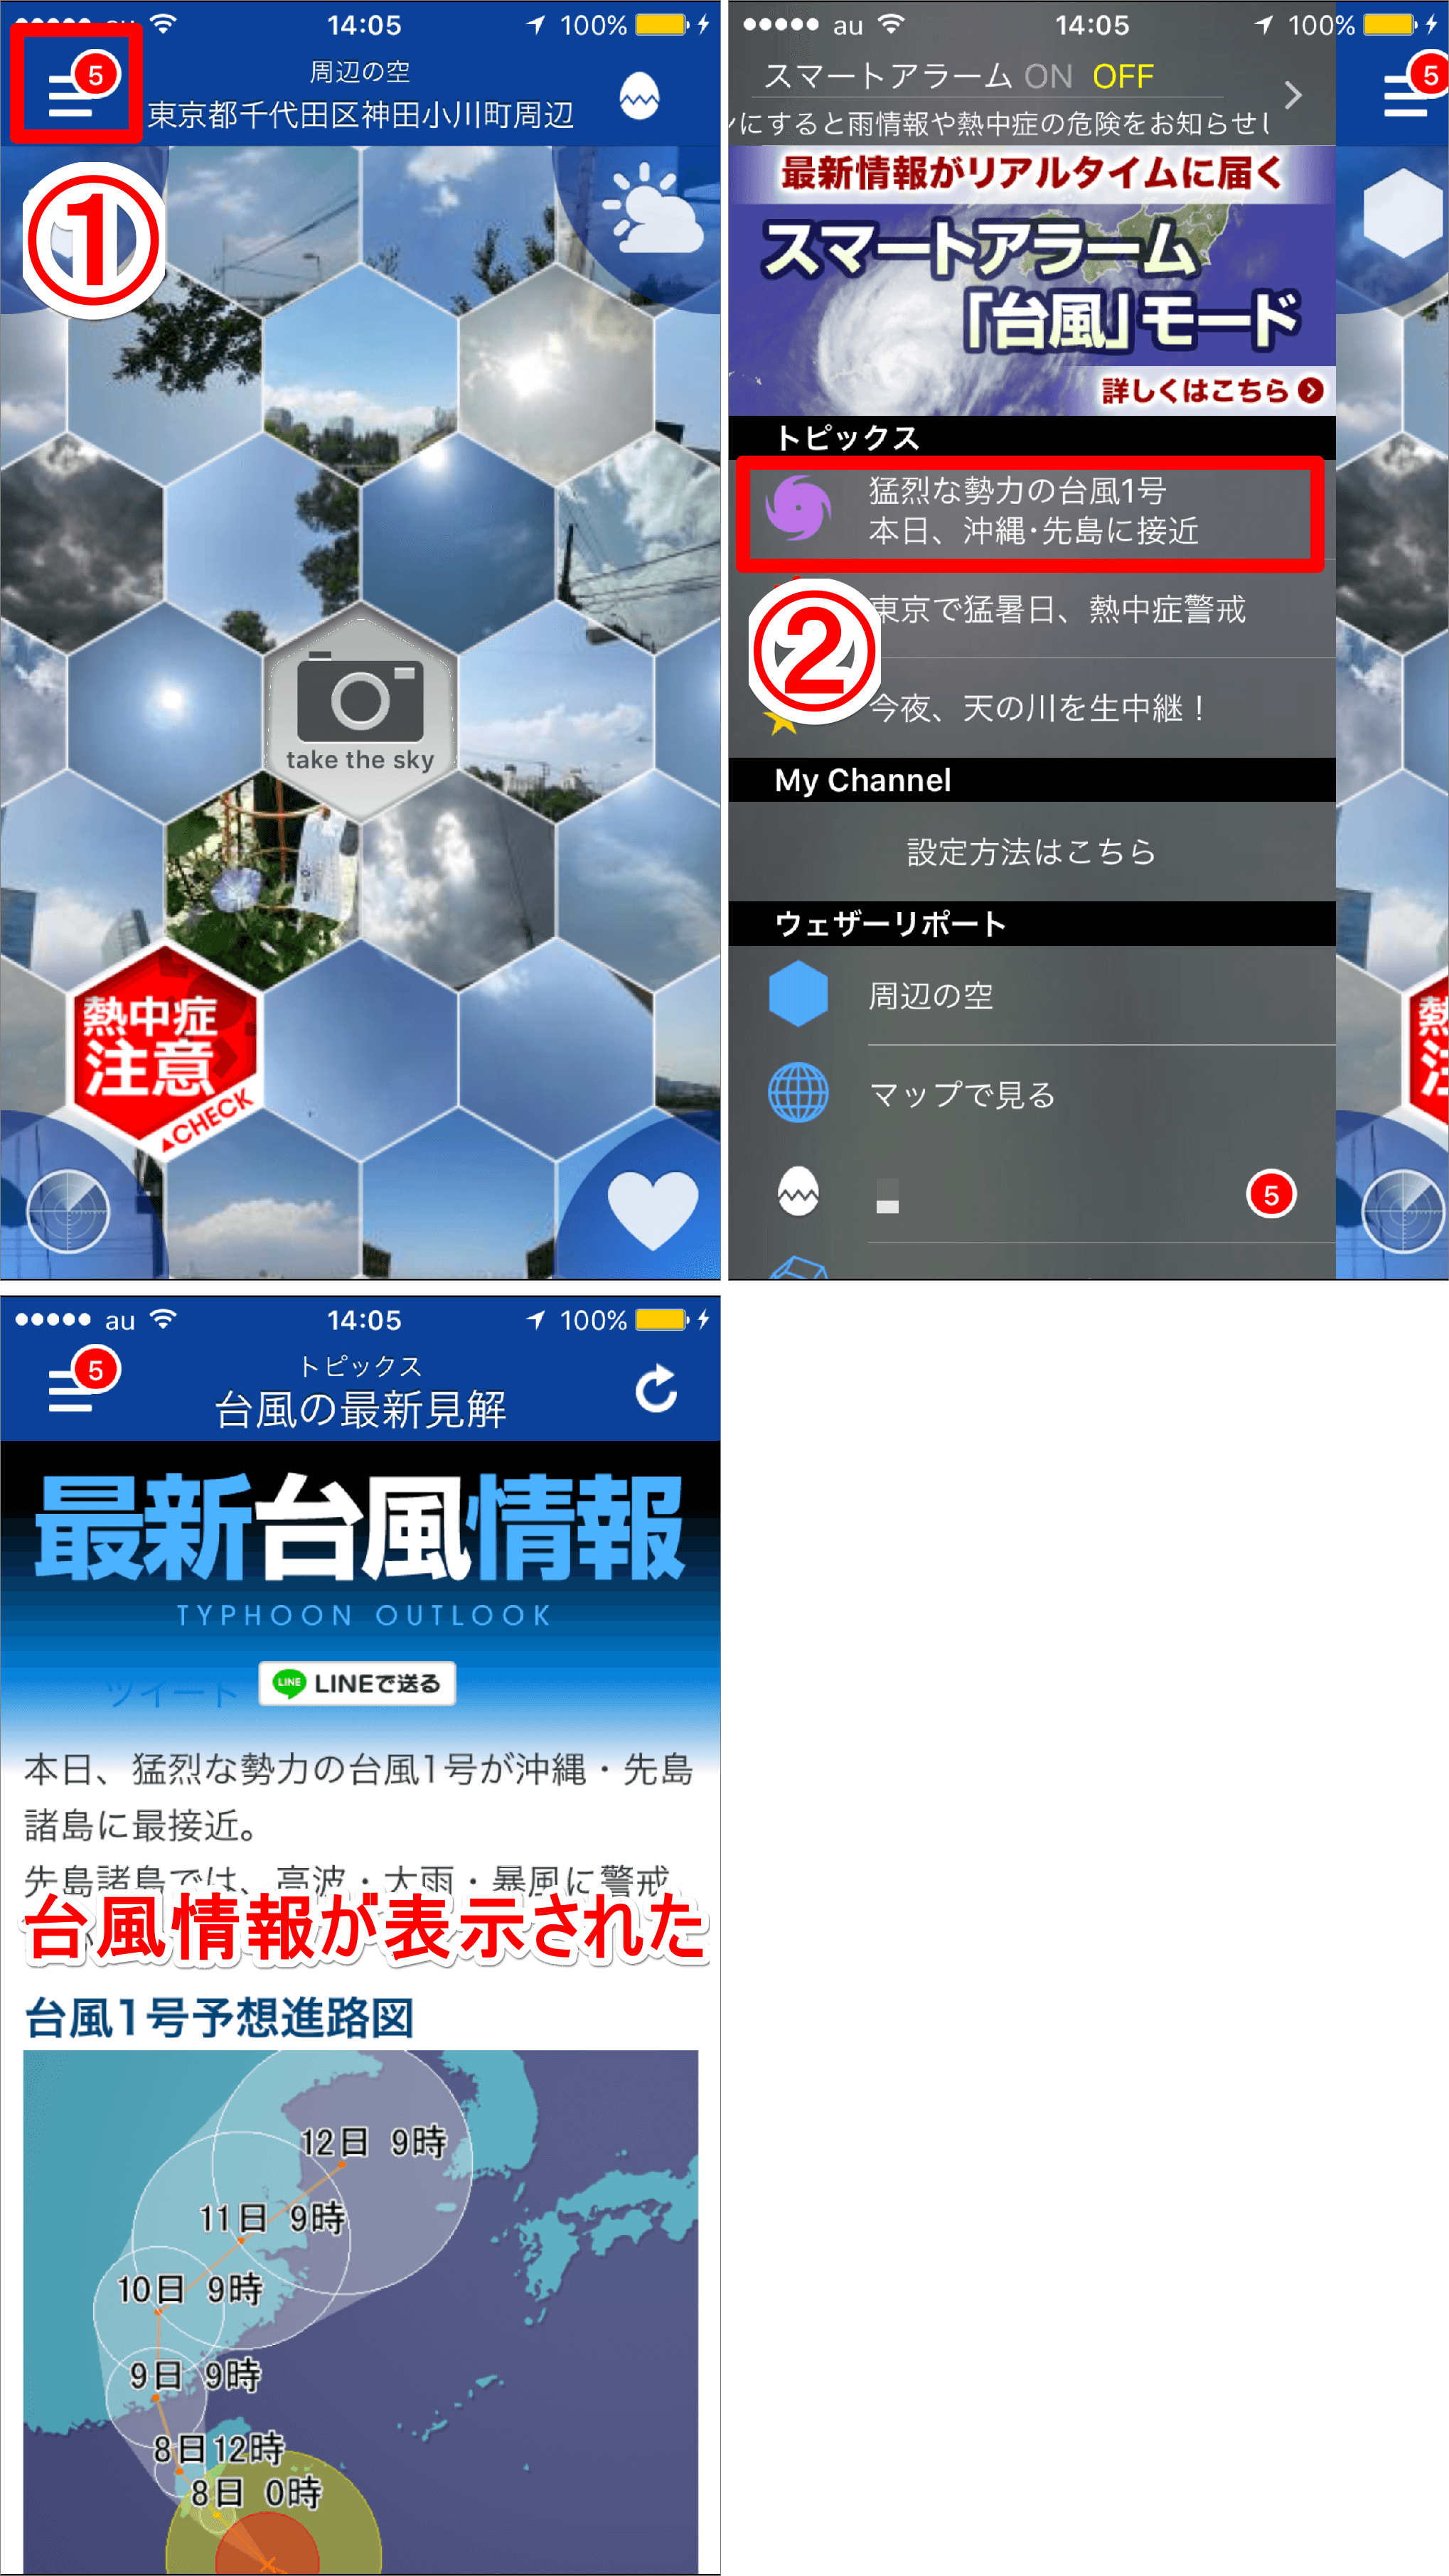 ウェザーニュース タッチアプリの画面